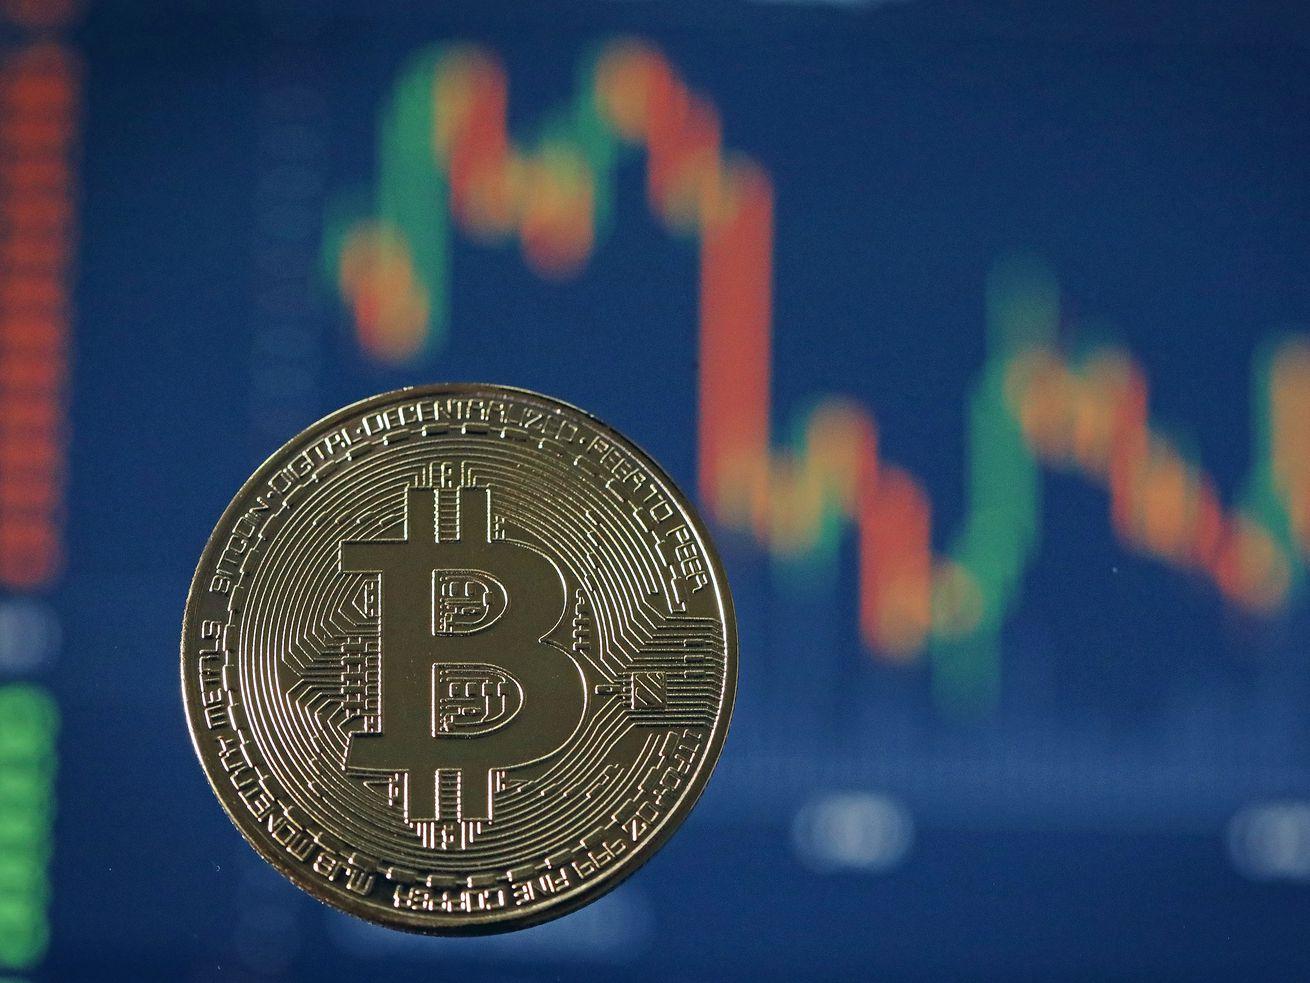 伦敦,英格兰- 10月24日:数字Cryptocurrency的视觉表示,比特币10月24日,2017年在伦敦,英格兰。Cryptocurrencies包括比特币,Ethereum和Lightcoin前所未有的增长,2017年尽管波动很大。而电子货币在金融机构之间意见分歧,现在的市值约为1750亿美元,加密领域coninues增长,因为它看到广泛的mainstreem收养。(图片由足球/盖蒂图片社)